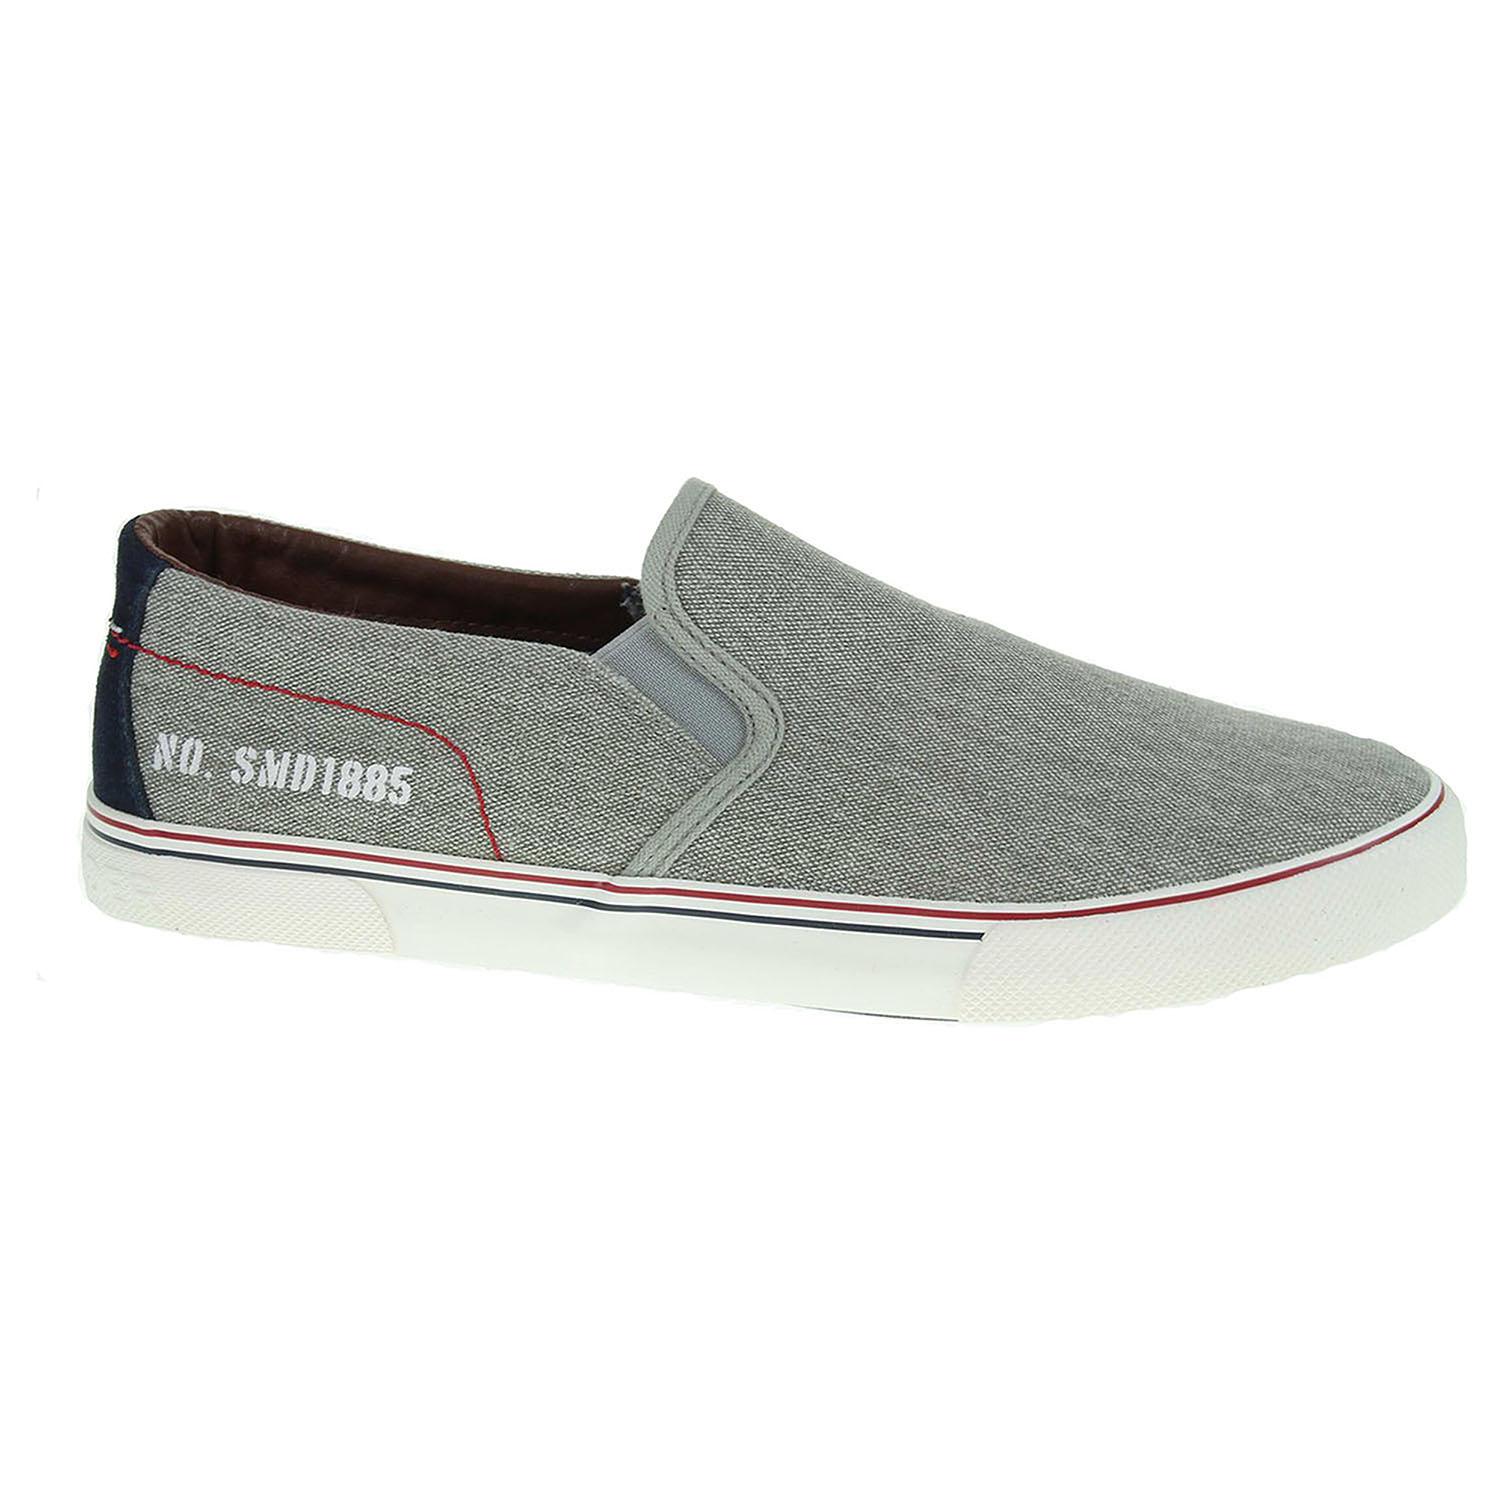 38d4165c5aa5 Ecco Pánská obuv Salamander 60303-35 šedá 24000418